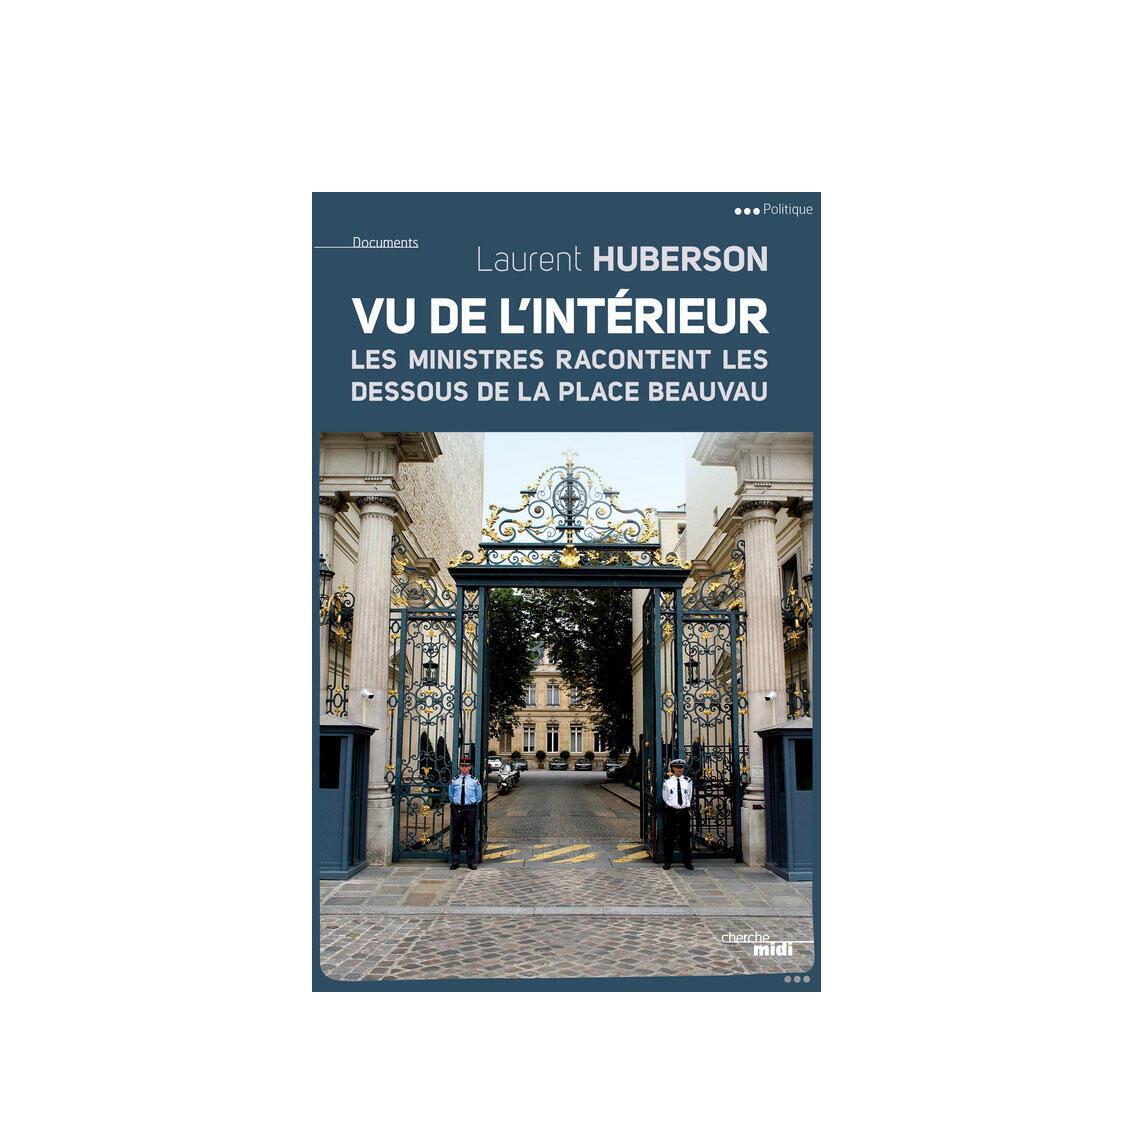 «Vu de l'intérieur, les ministres racontent les dessous de la place Beauvau», de Laurent Huberson, aux éditions du Cherche midi.